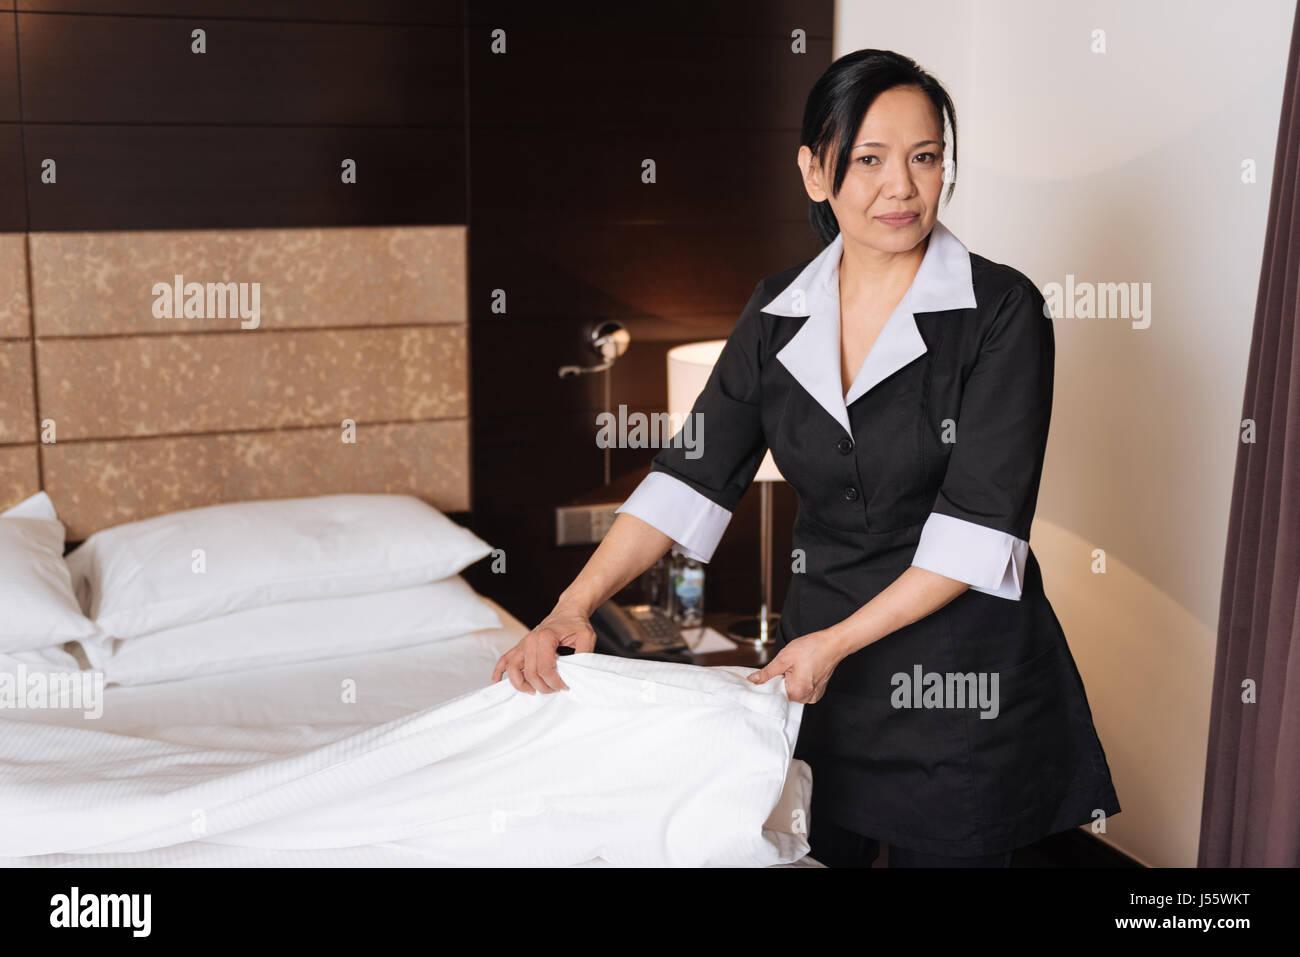 Piacevole guardando bene donna facendo il servizio in camera Immagini Stock